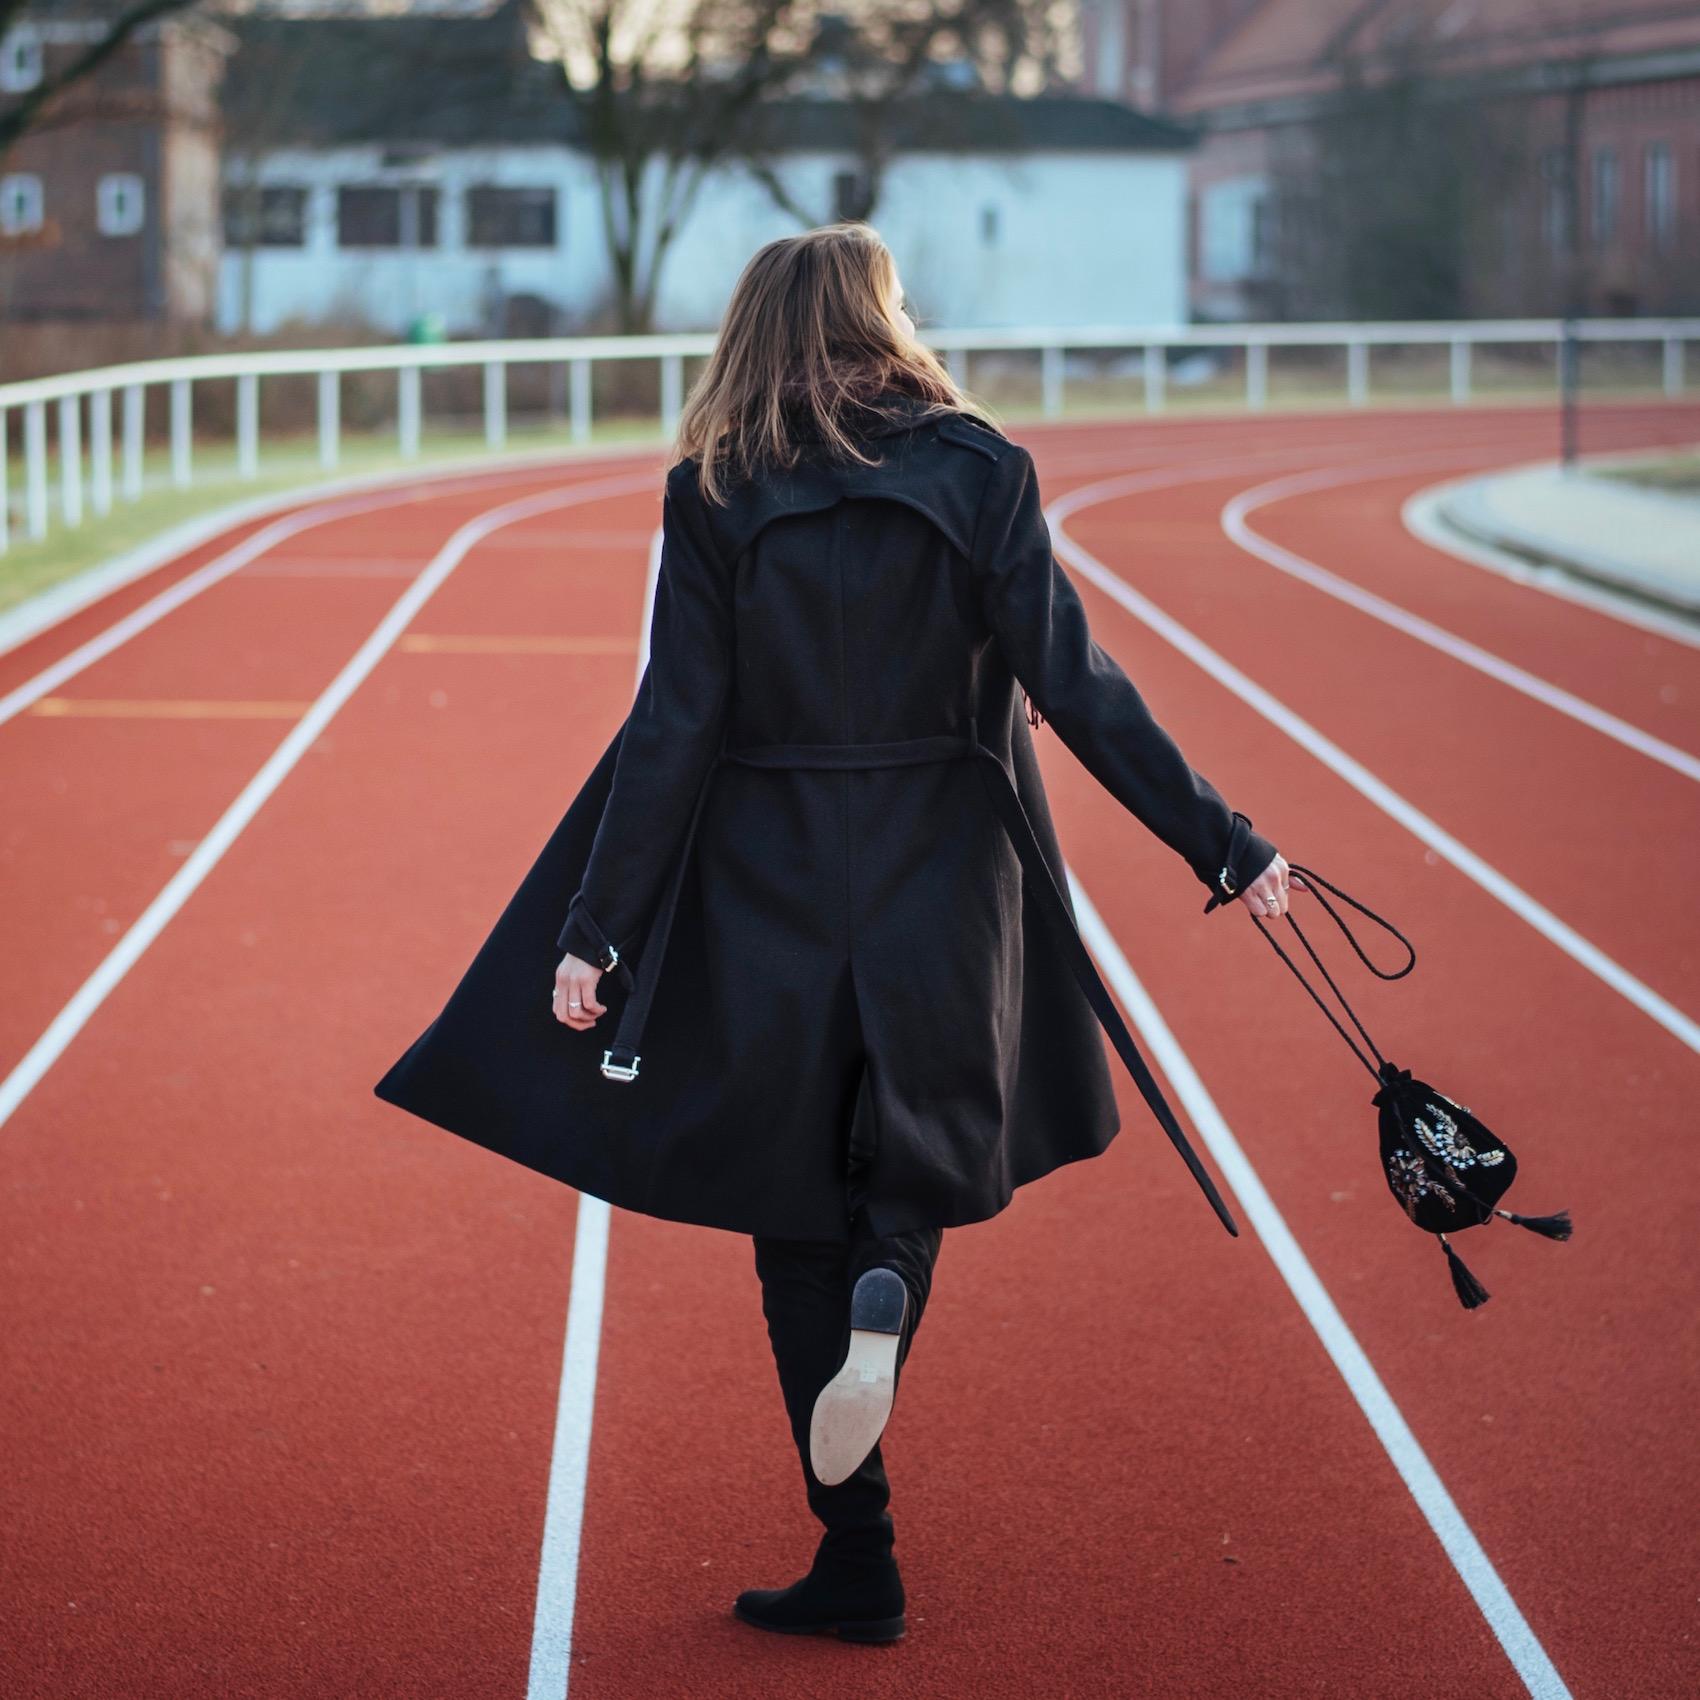 weltfrauentag suelovesnyc_susan_fengler_superwoman_weltfrauentag_blog